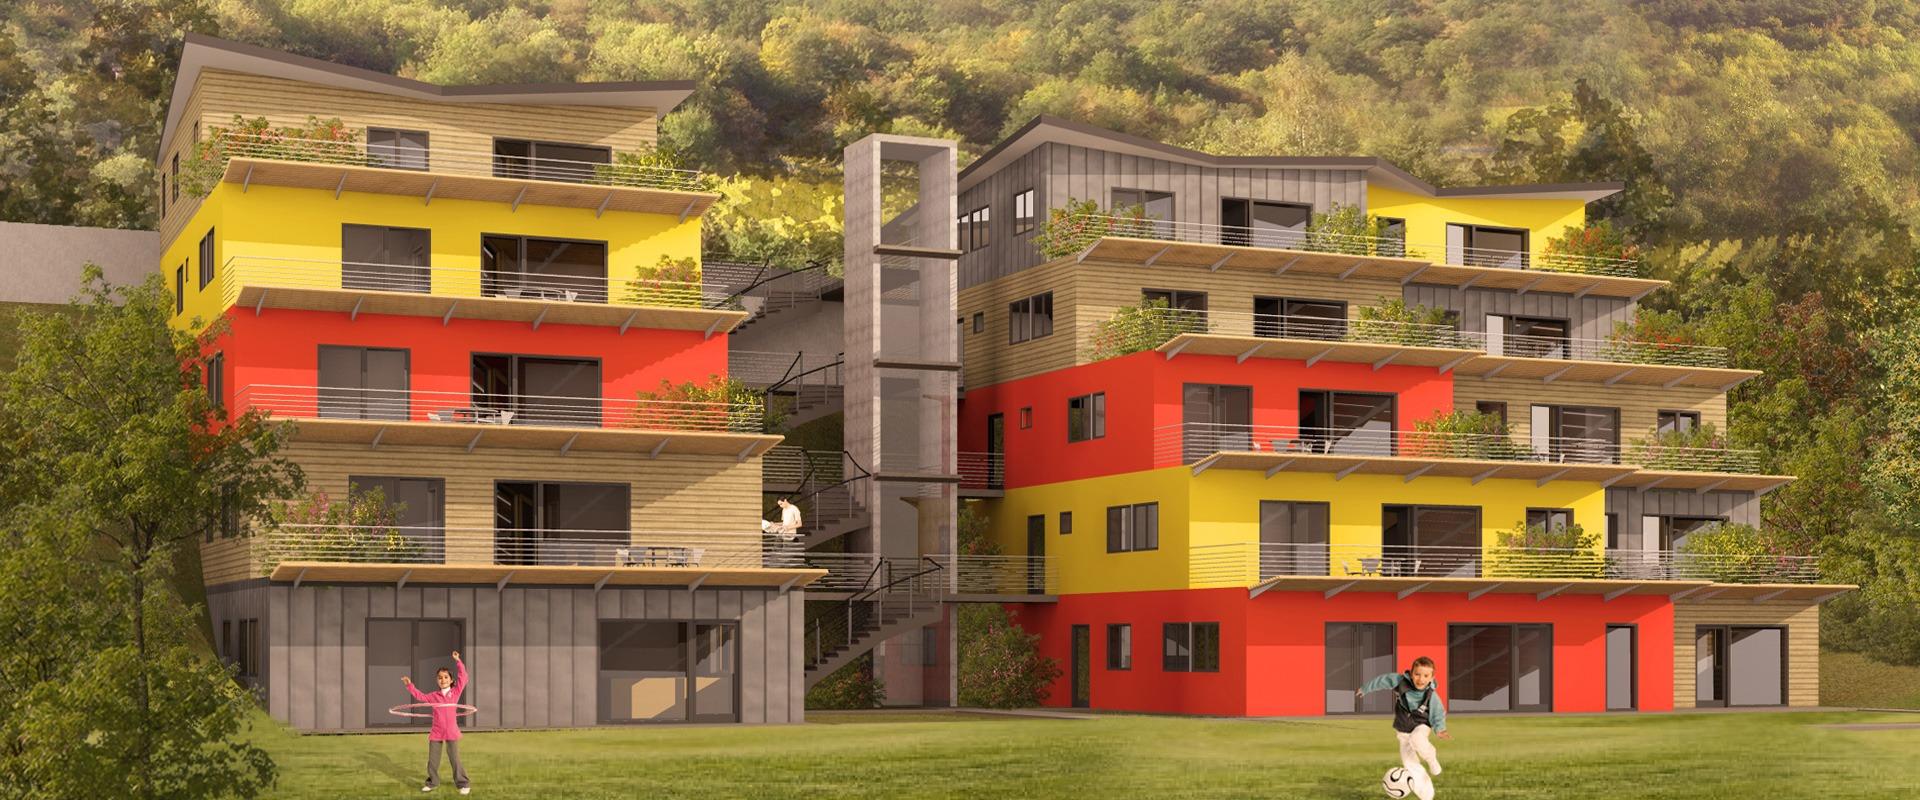 Architecte ecoquartier